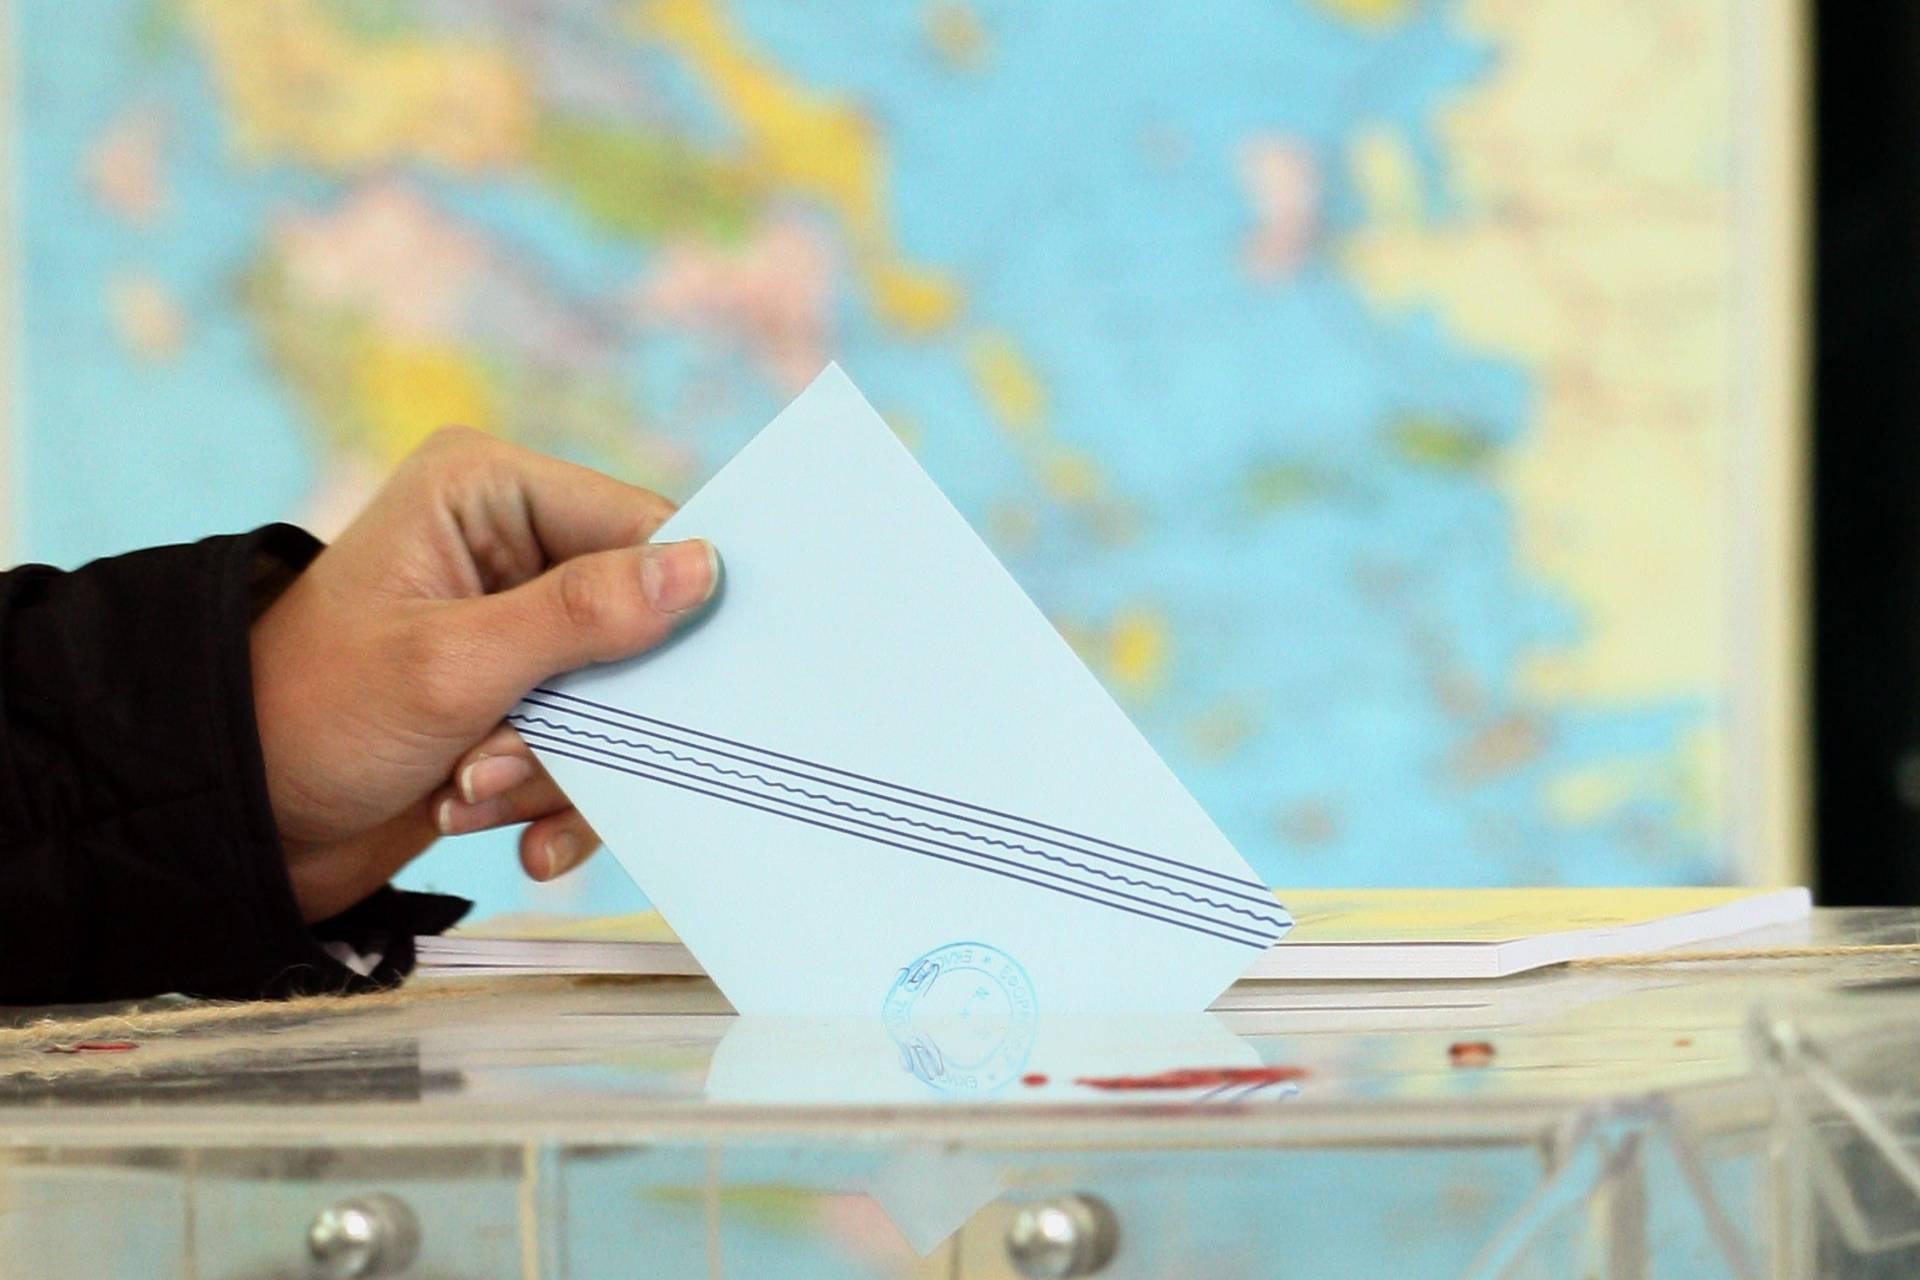 Ο νέος εκλογικός νόμος για τις Δημοτικές και Περιφερειακές εκλογές